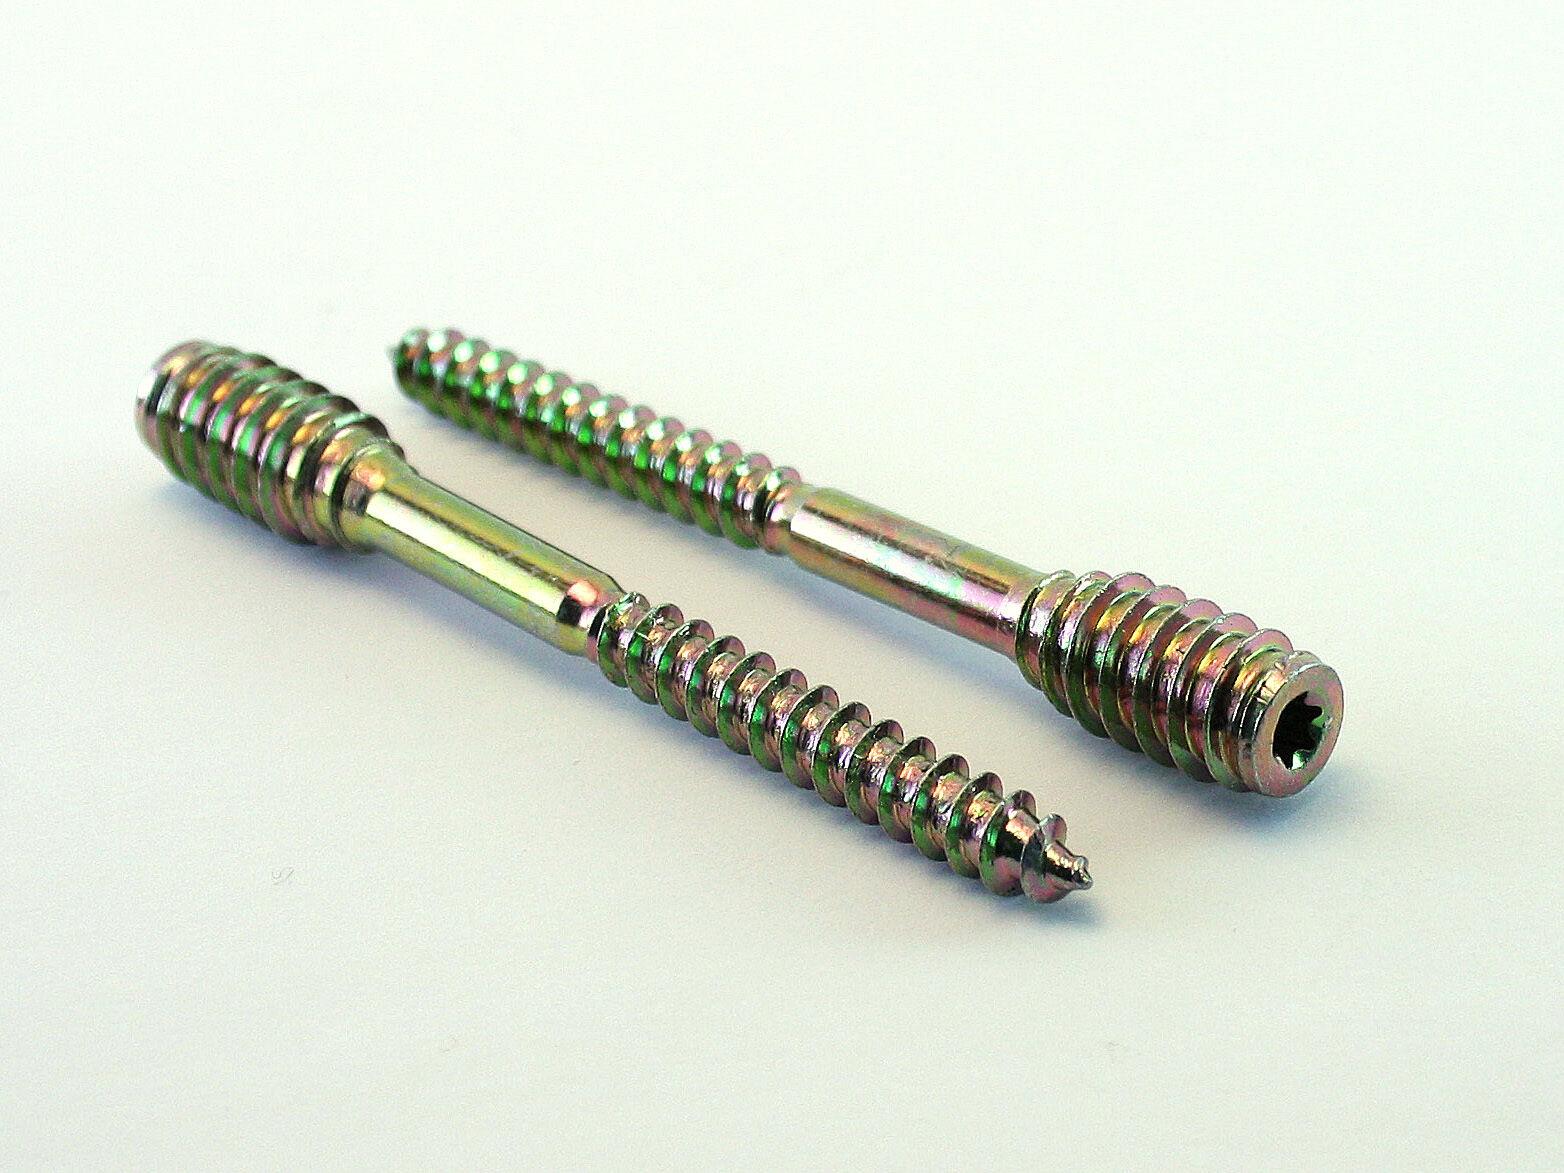 Distanzschrauben Justierschrauben Abstandschrauben 100 Stk. 6mm Durchmesser